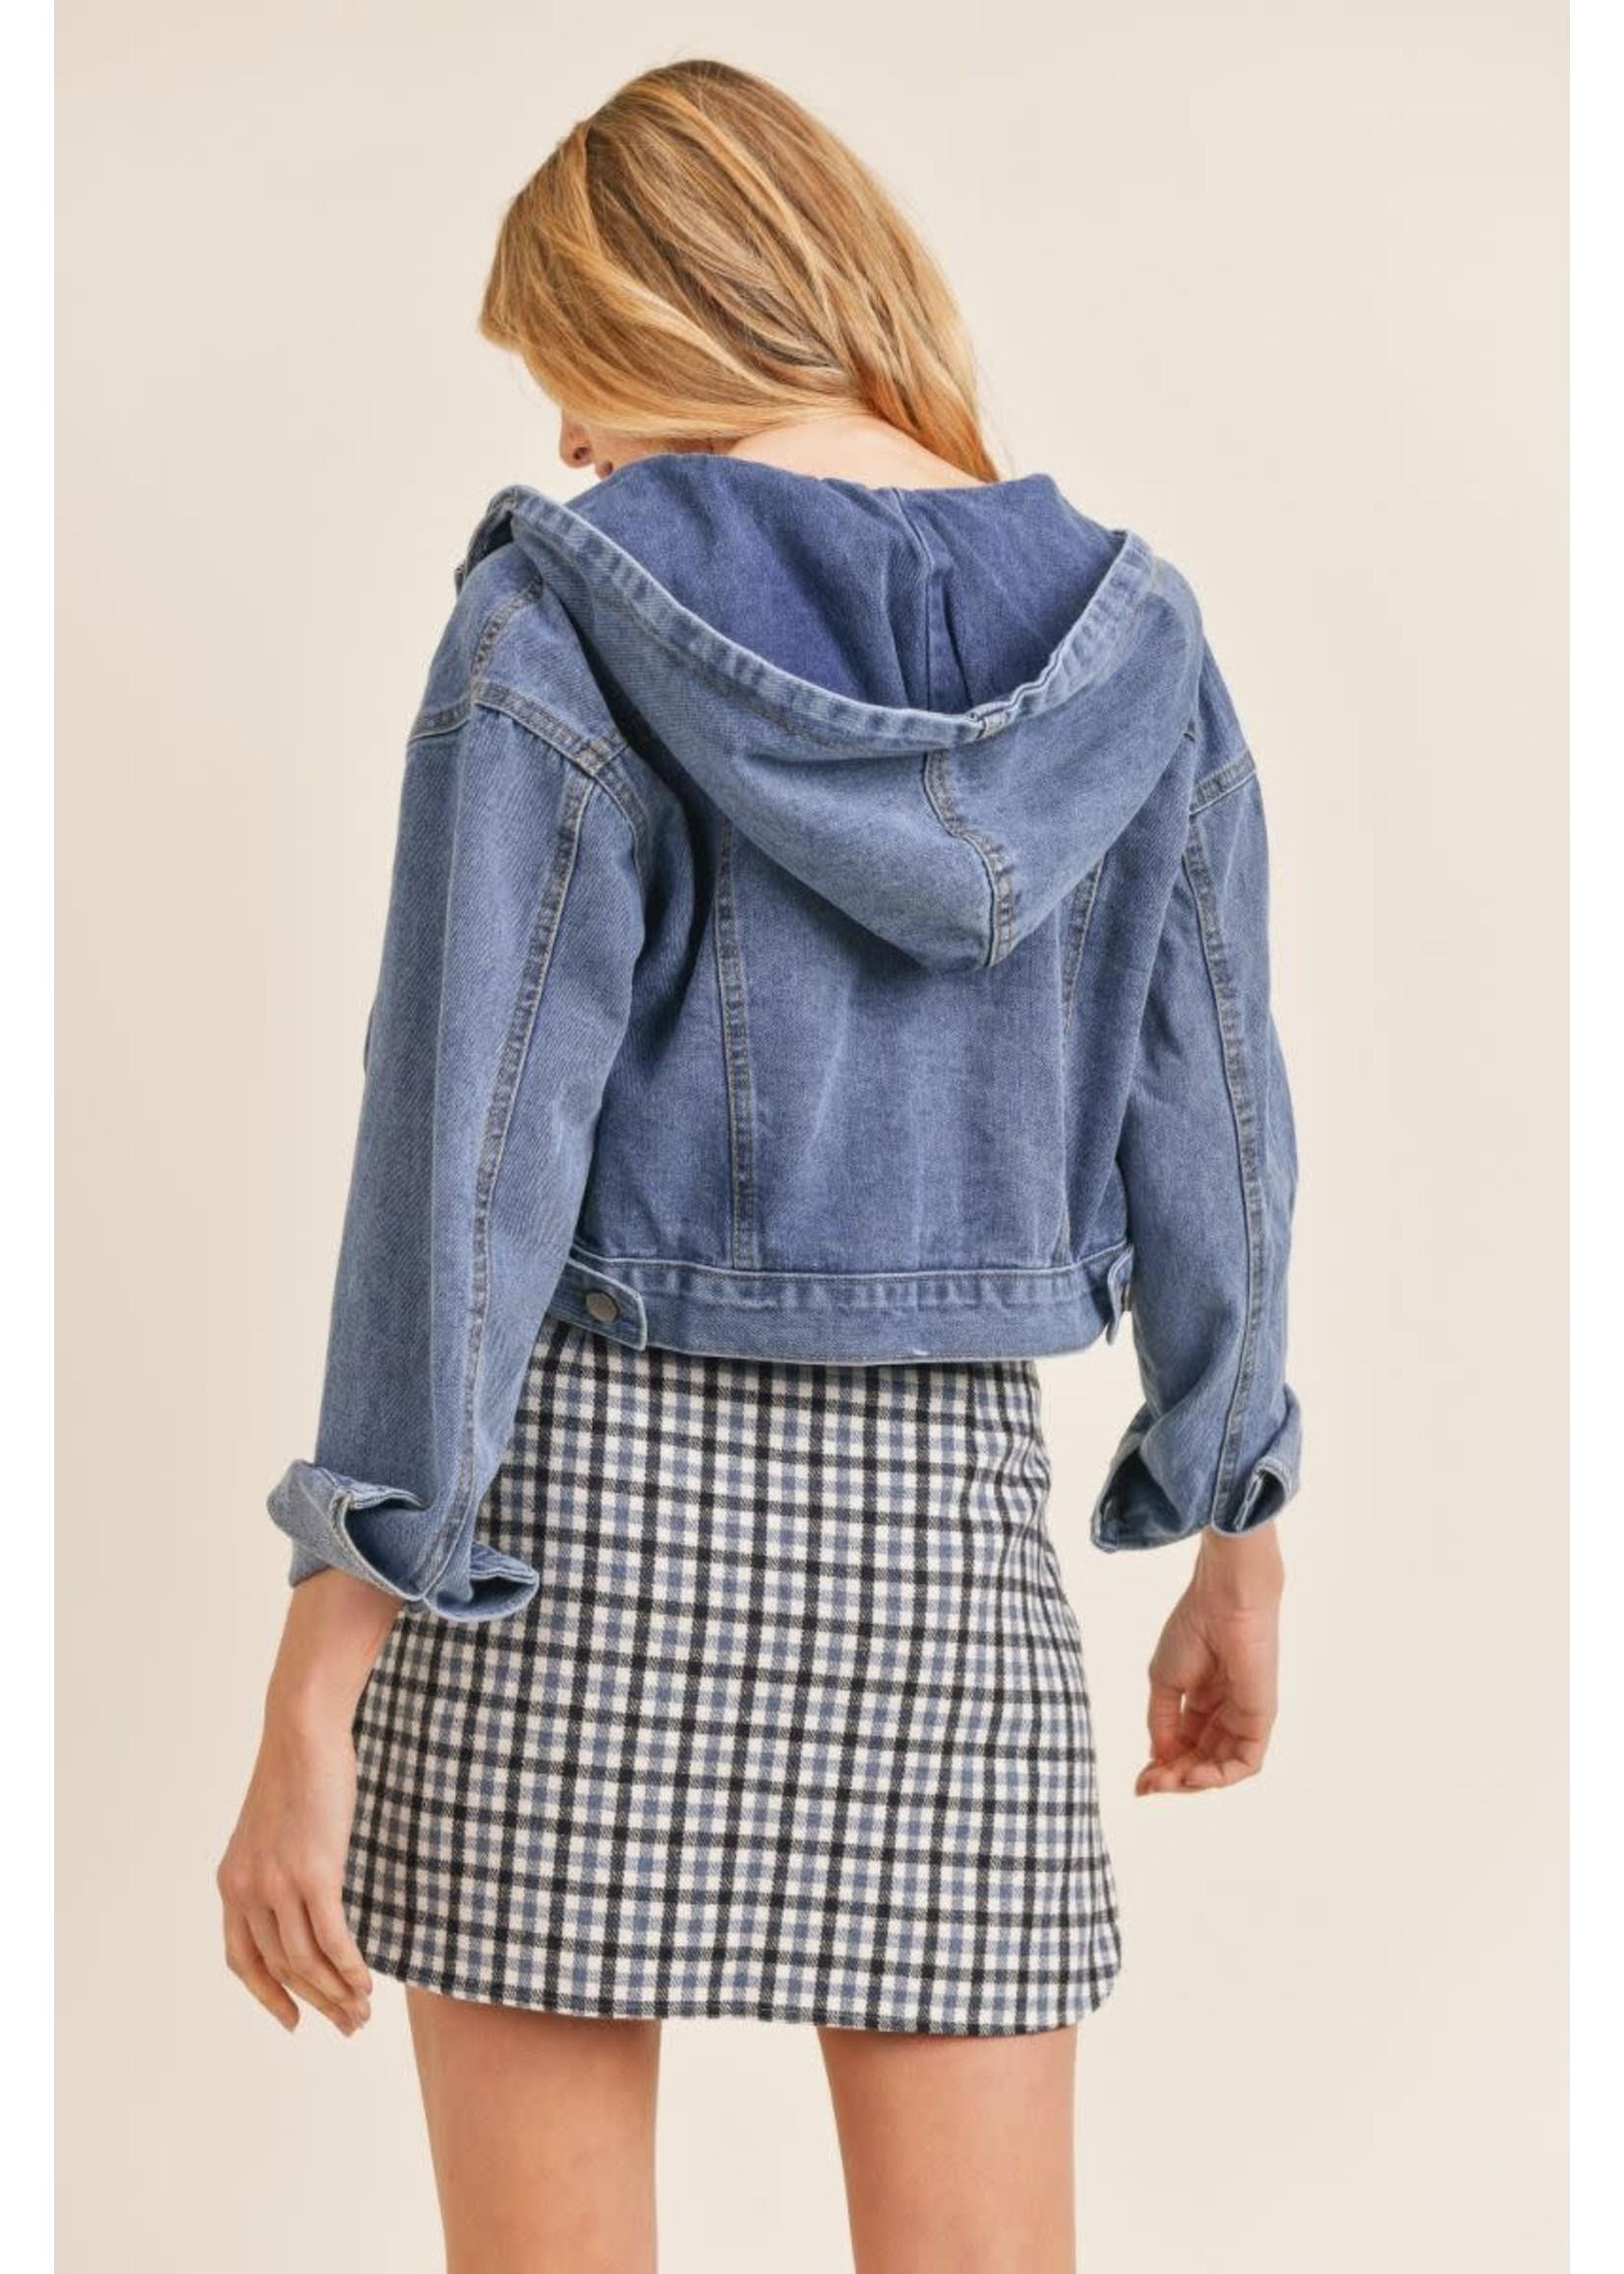 Sadie & Sage Act Denim Hooded Jacket - AC383469